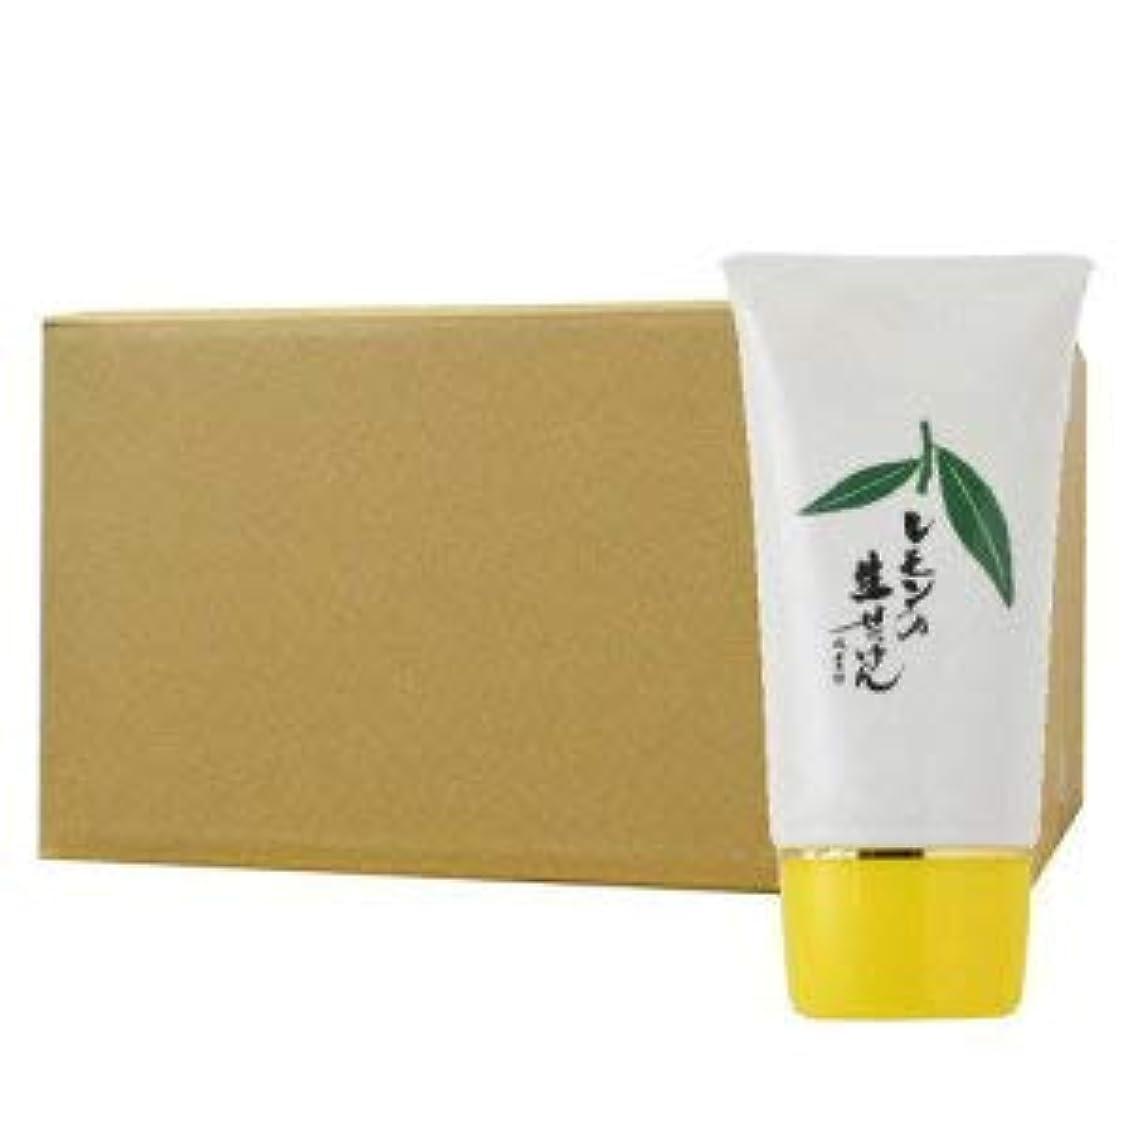 驚いた泣く成人期UYEKI美香柑レモンの生せっけん70g×60個セット